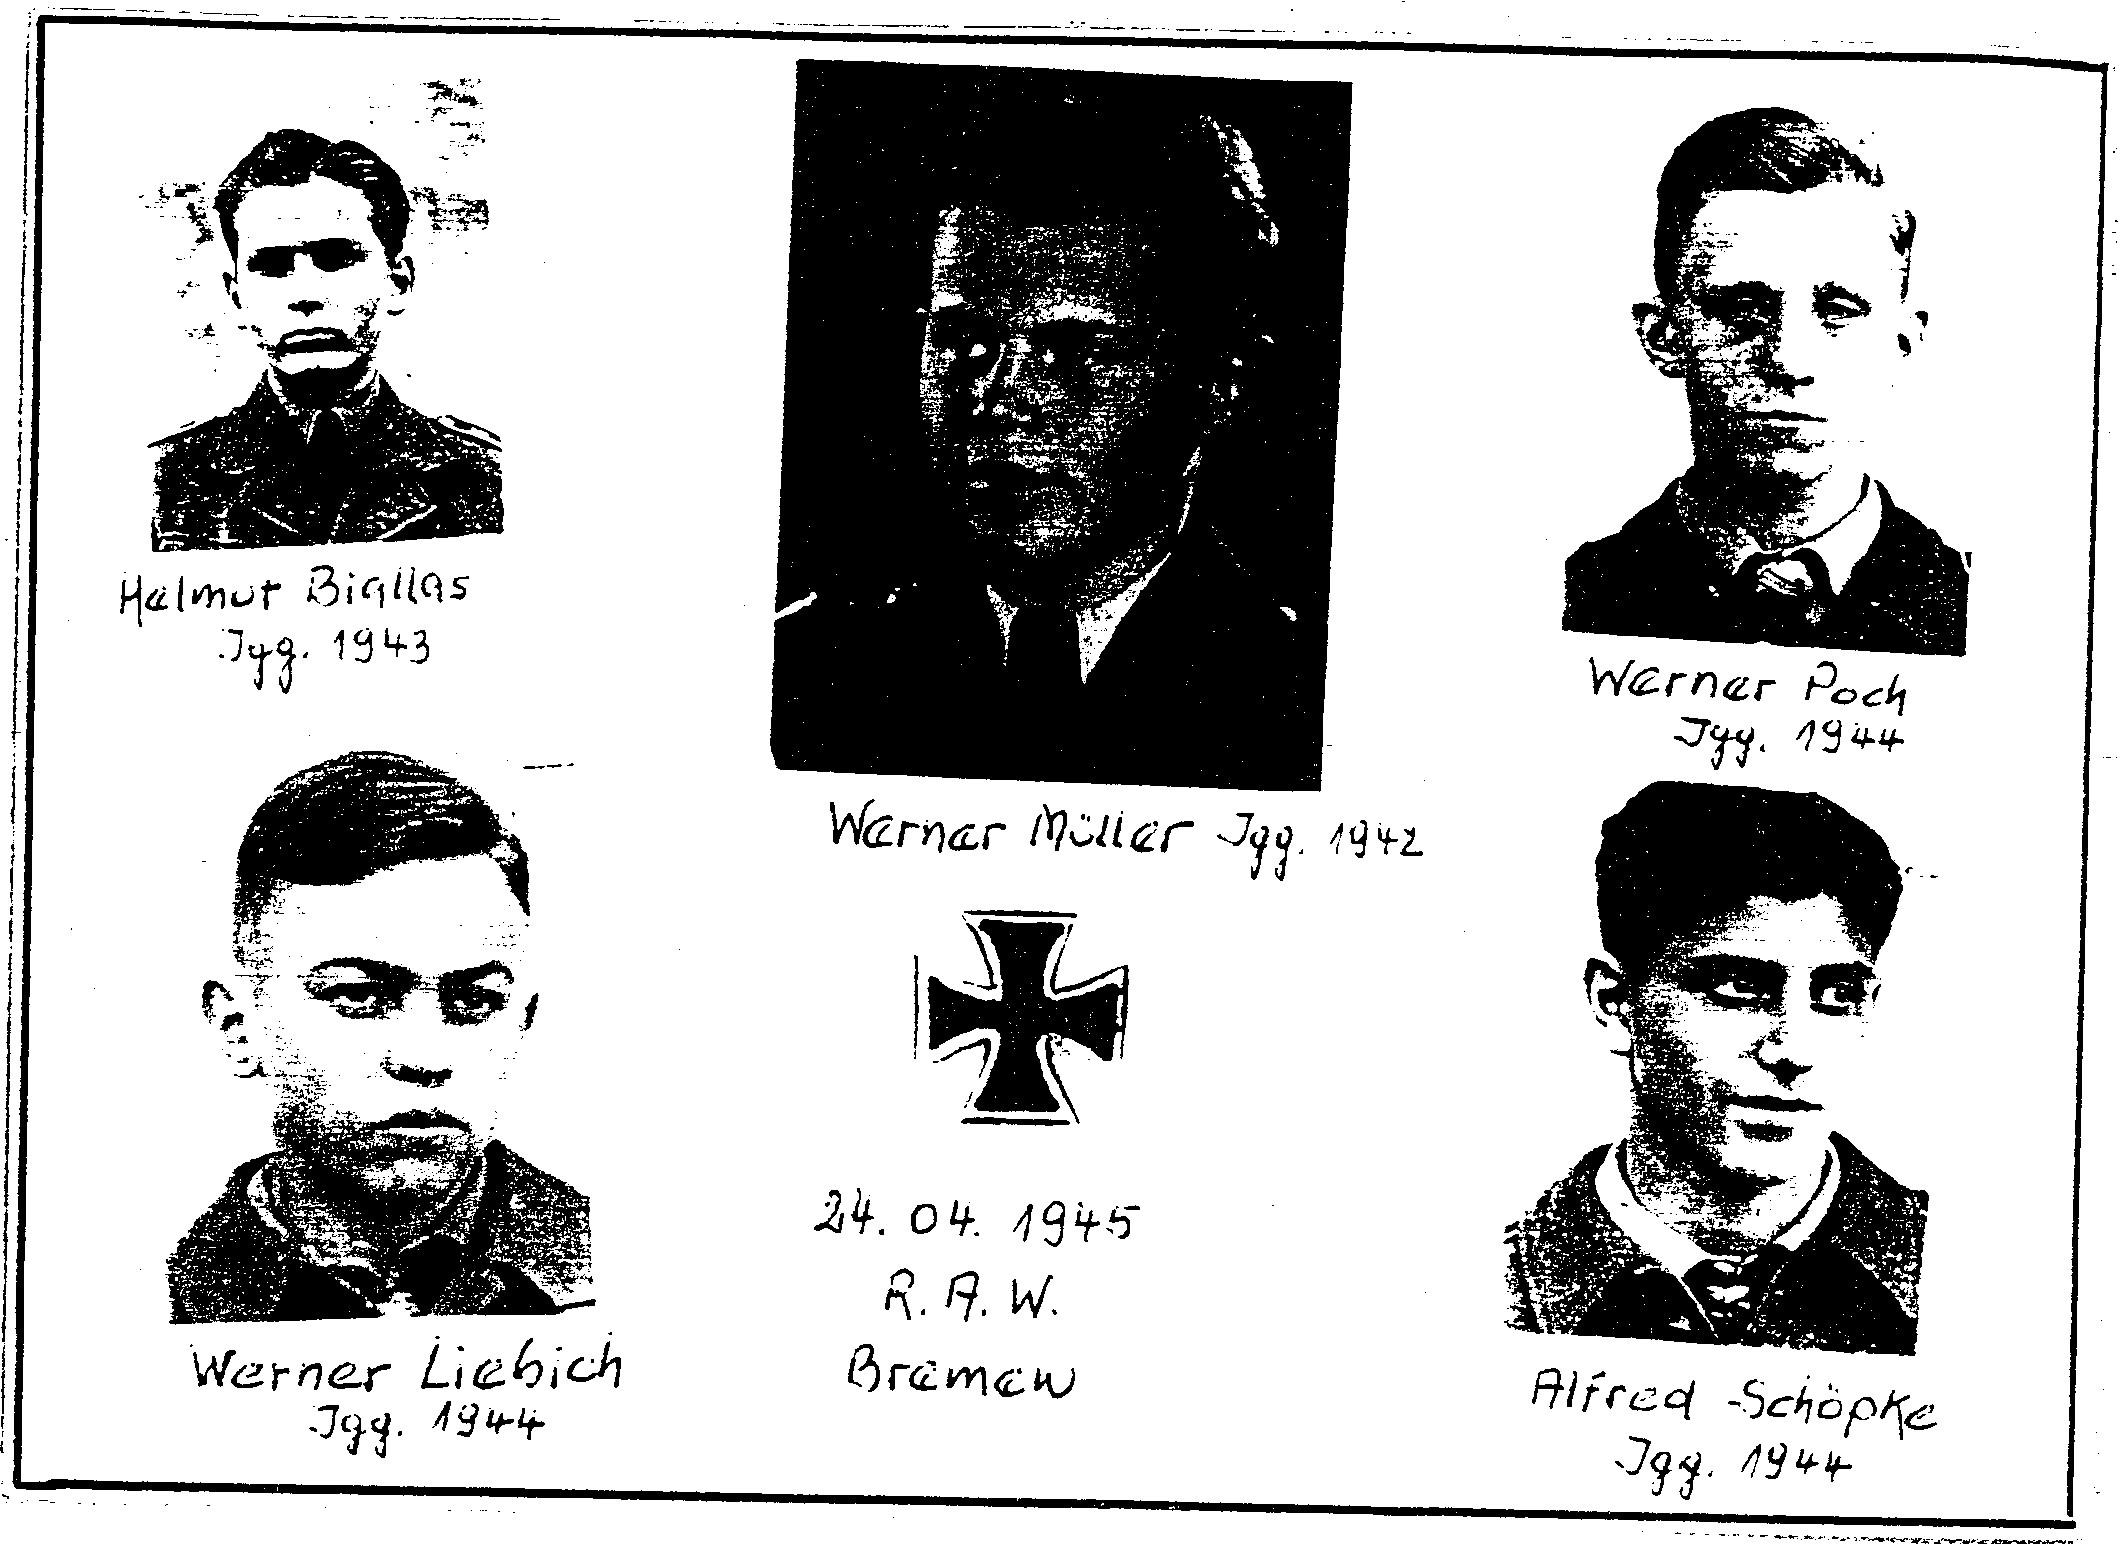 Dieses Bild zeigt das letzte Aufgebot vom Aufruf Hitlers zum Volkssturm